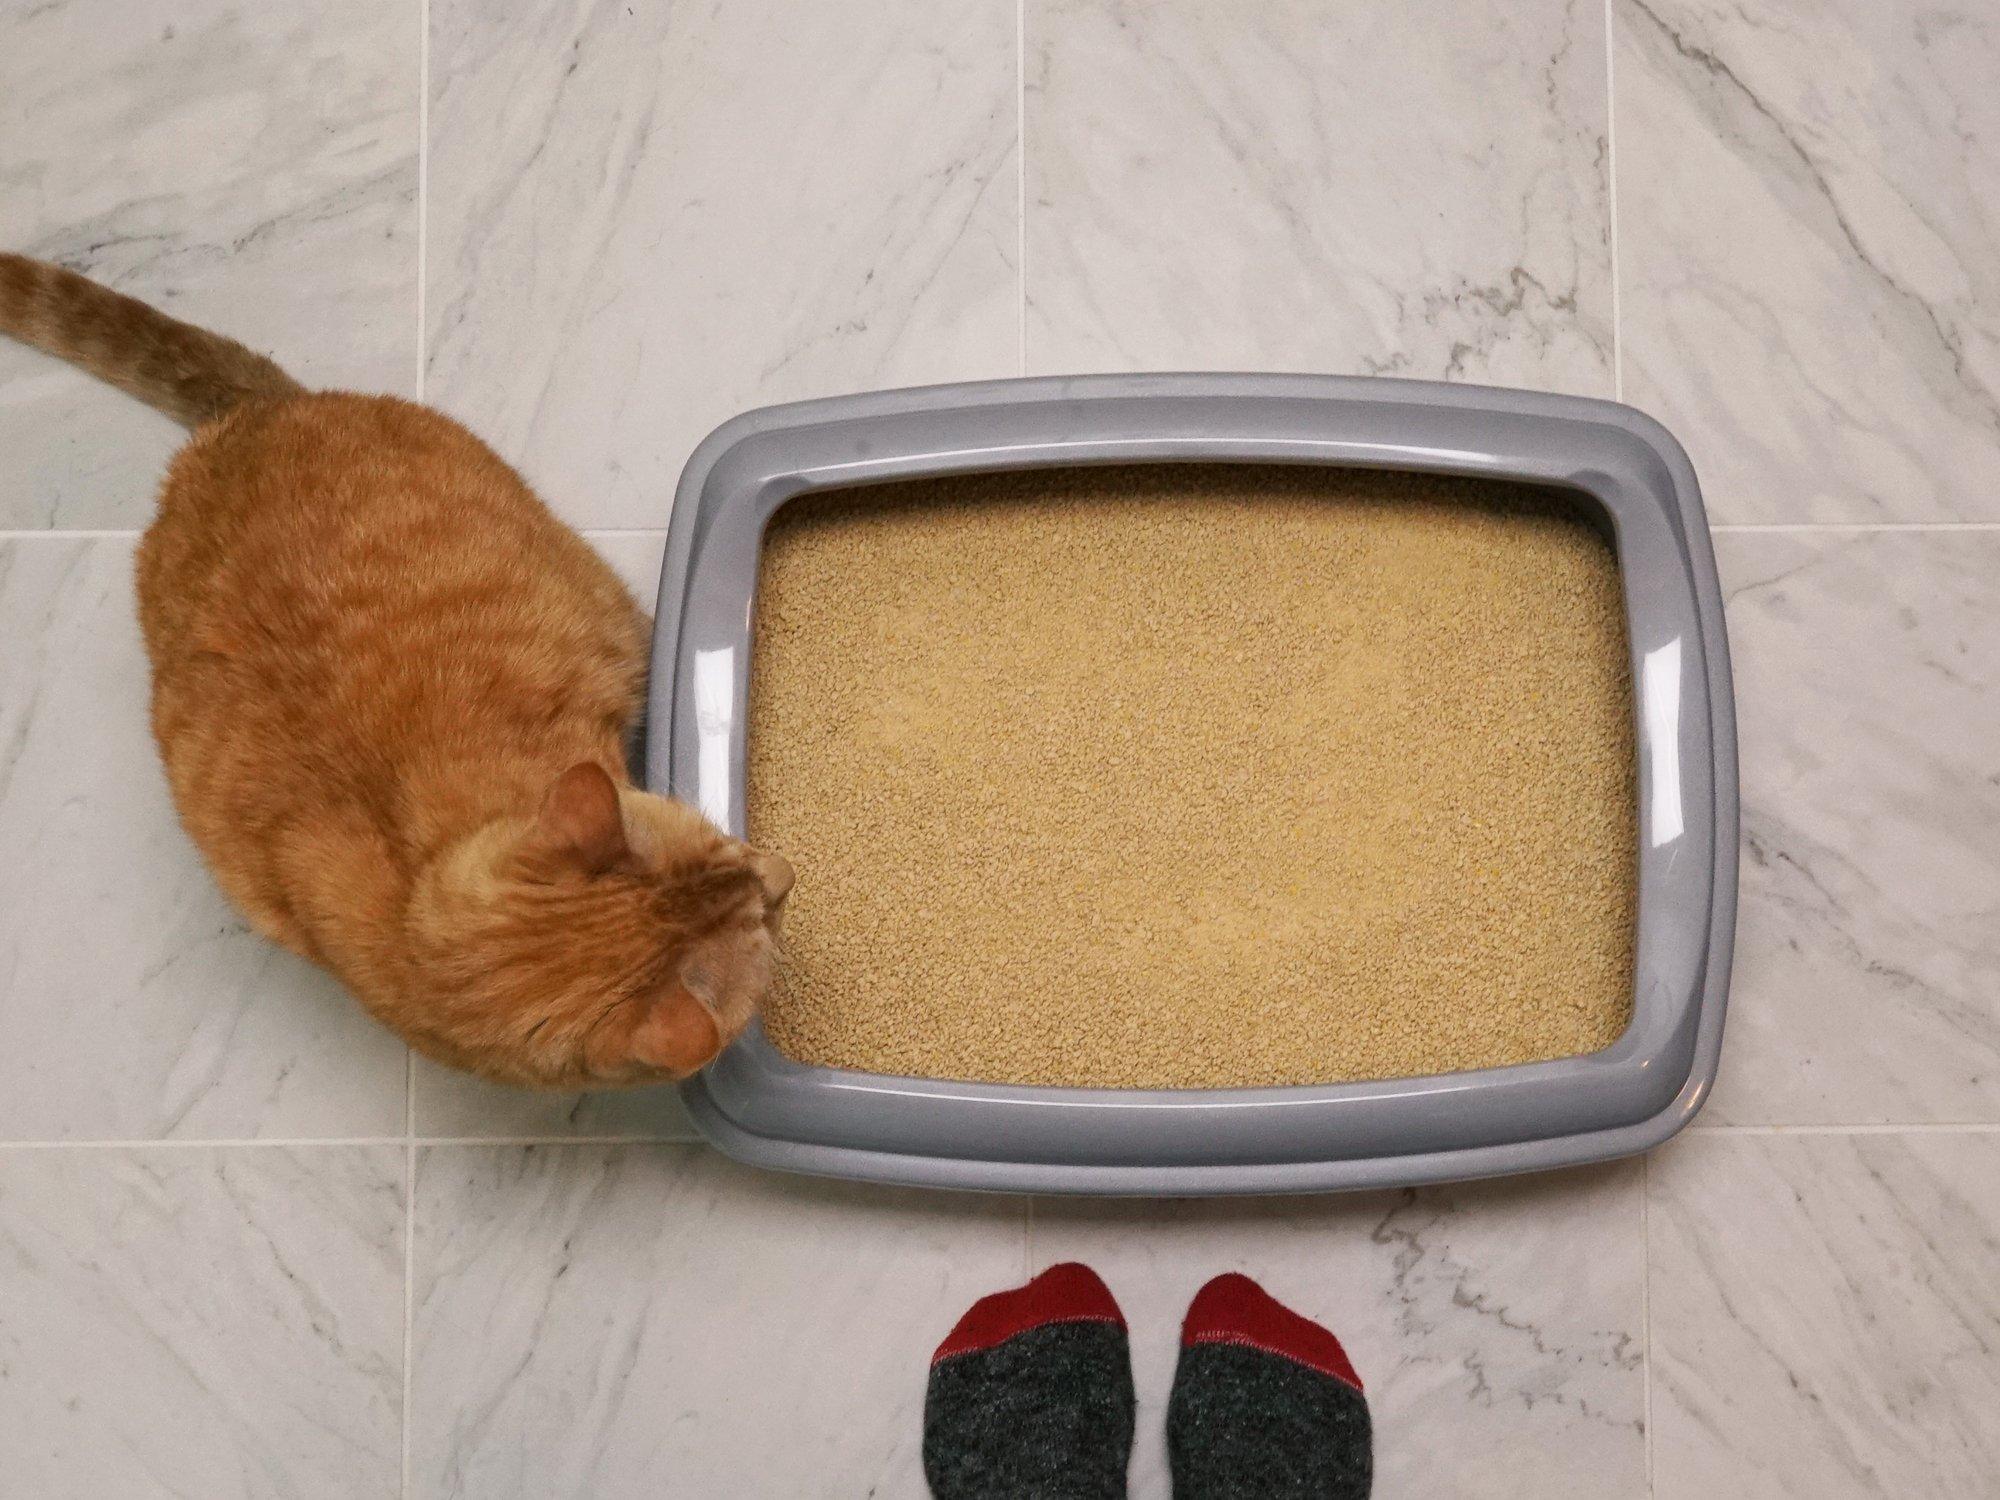 World's Best Cat Litter, Clumping Litter Formula for Multiple Cats, 28-Pounds by World's Best Cat Litter